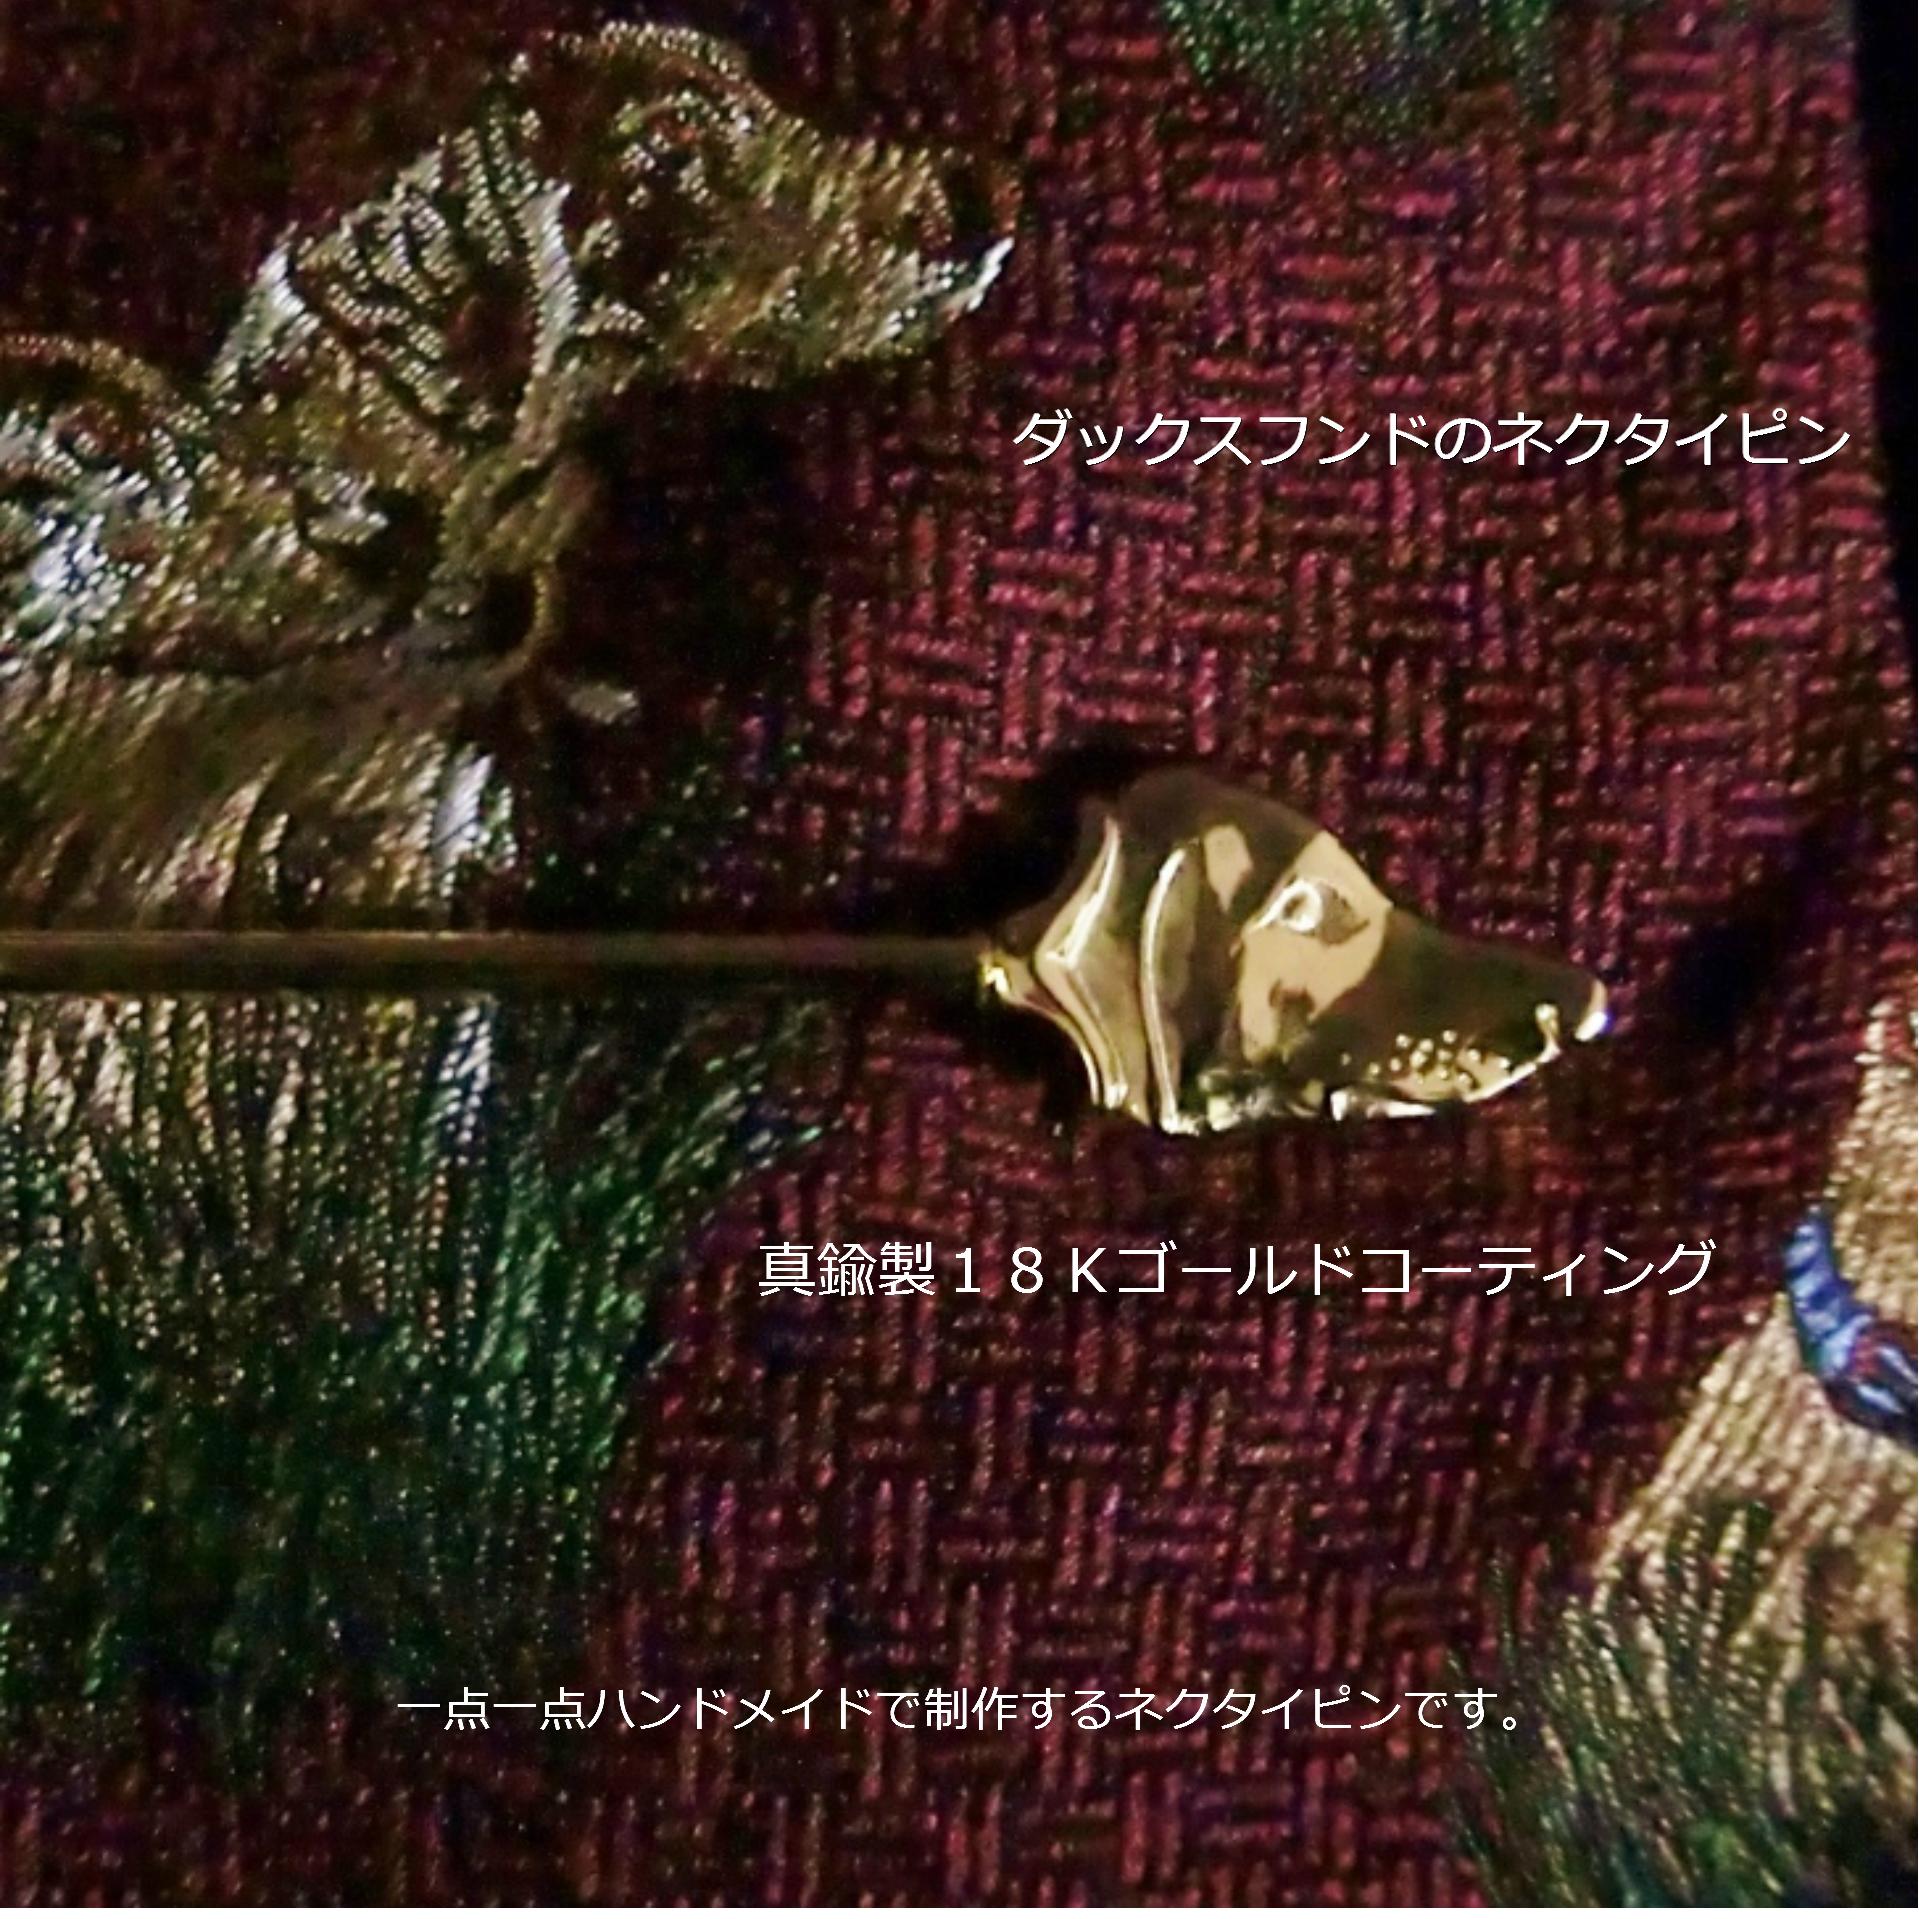 MASCOT TIE PIN -Gold Dachs- ダックスフントのネクタイピン ゴールド